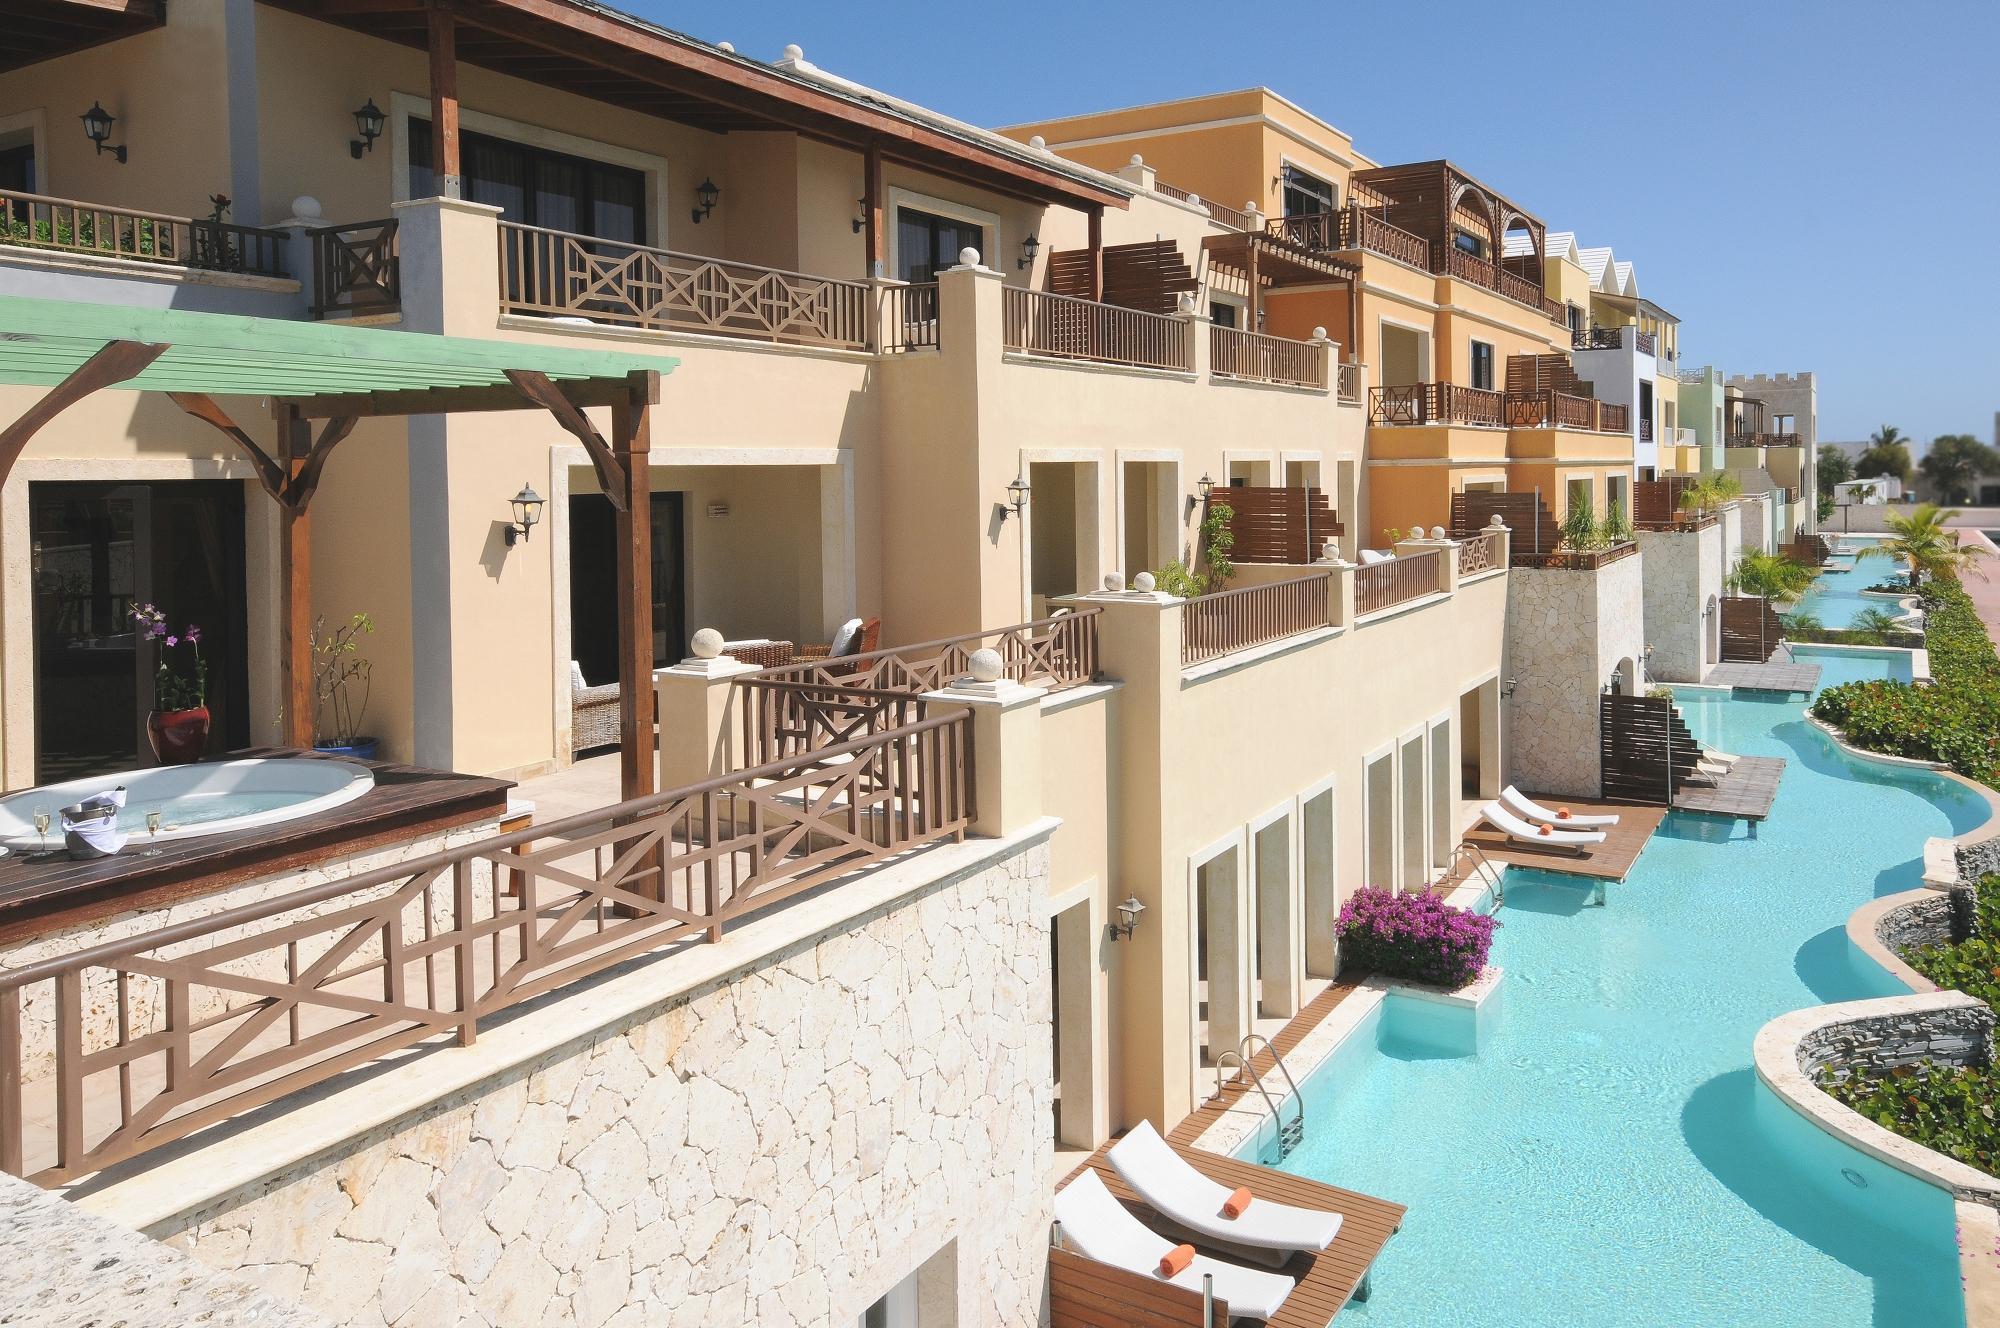 Alsol Luxury Village